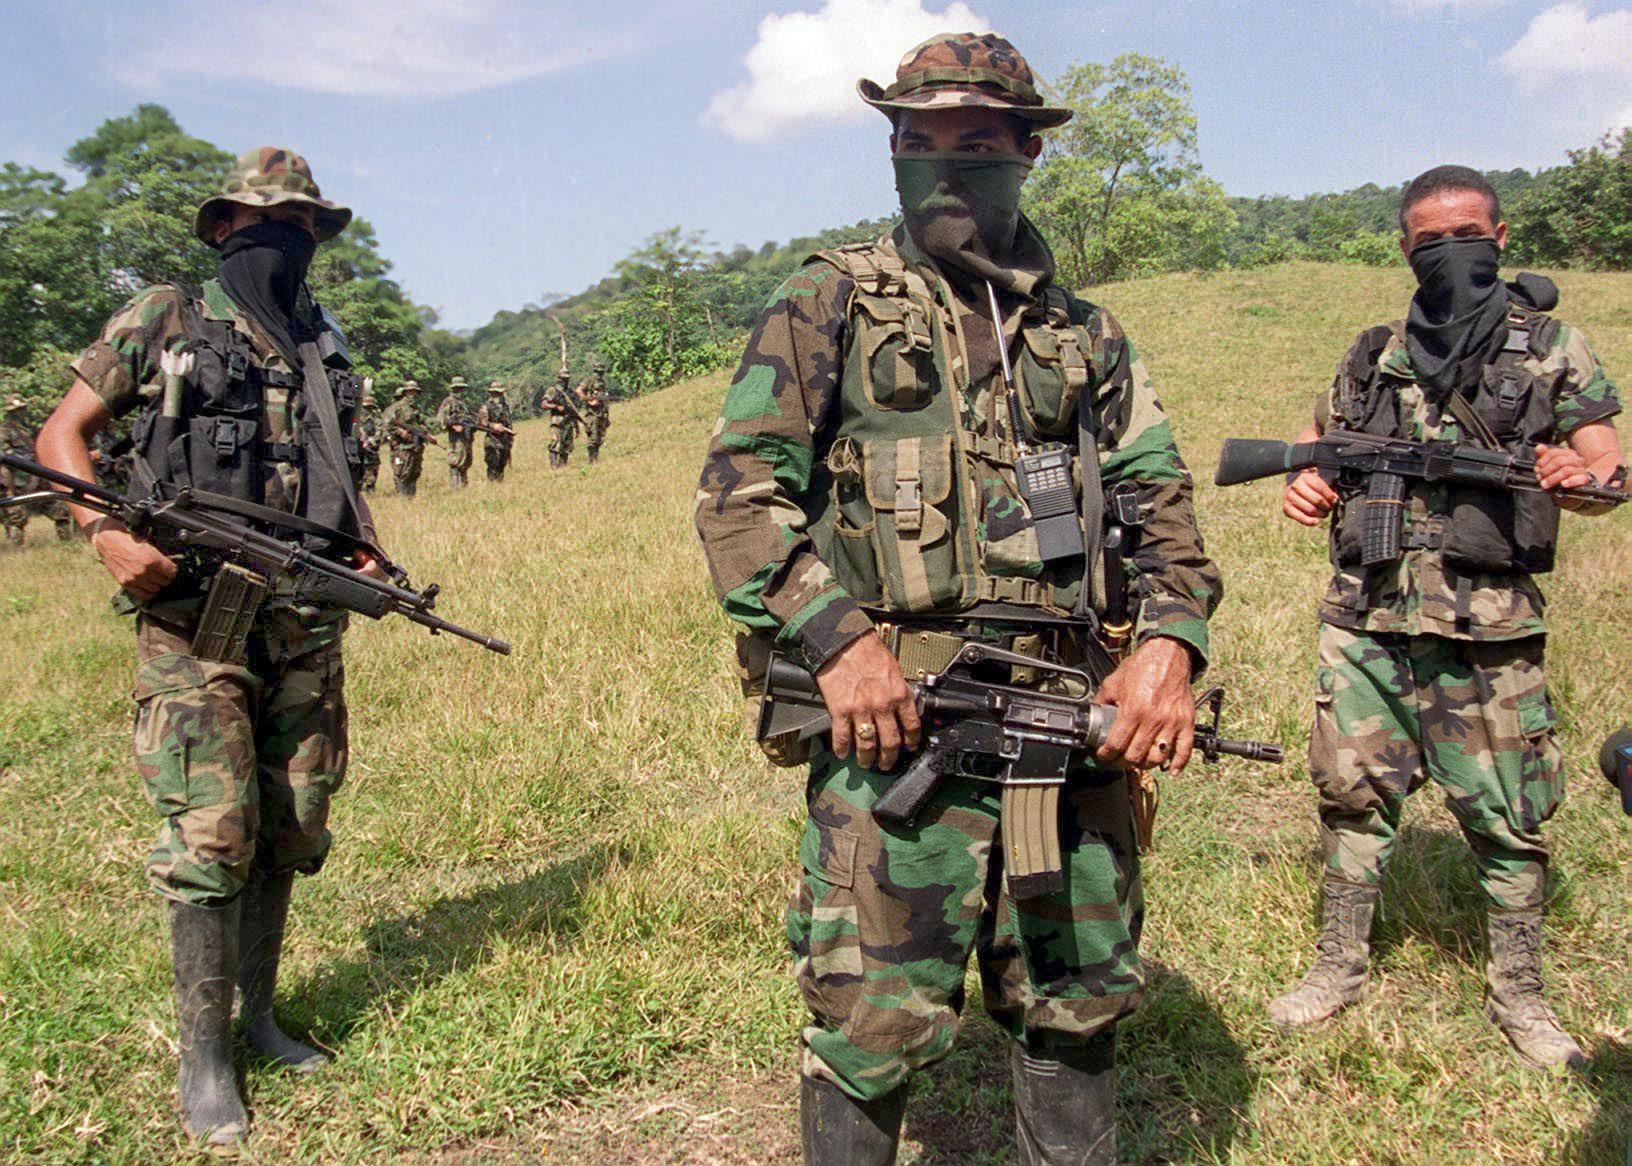 El jefe paramilitar de las Autodefensas Unidas de Colombia, comandante Mauricio (C), entrena a sus tropas el 29 de enero de 2000, en las montañas cercanas al Catatumbo, al noroeste de Bogotá